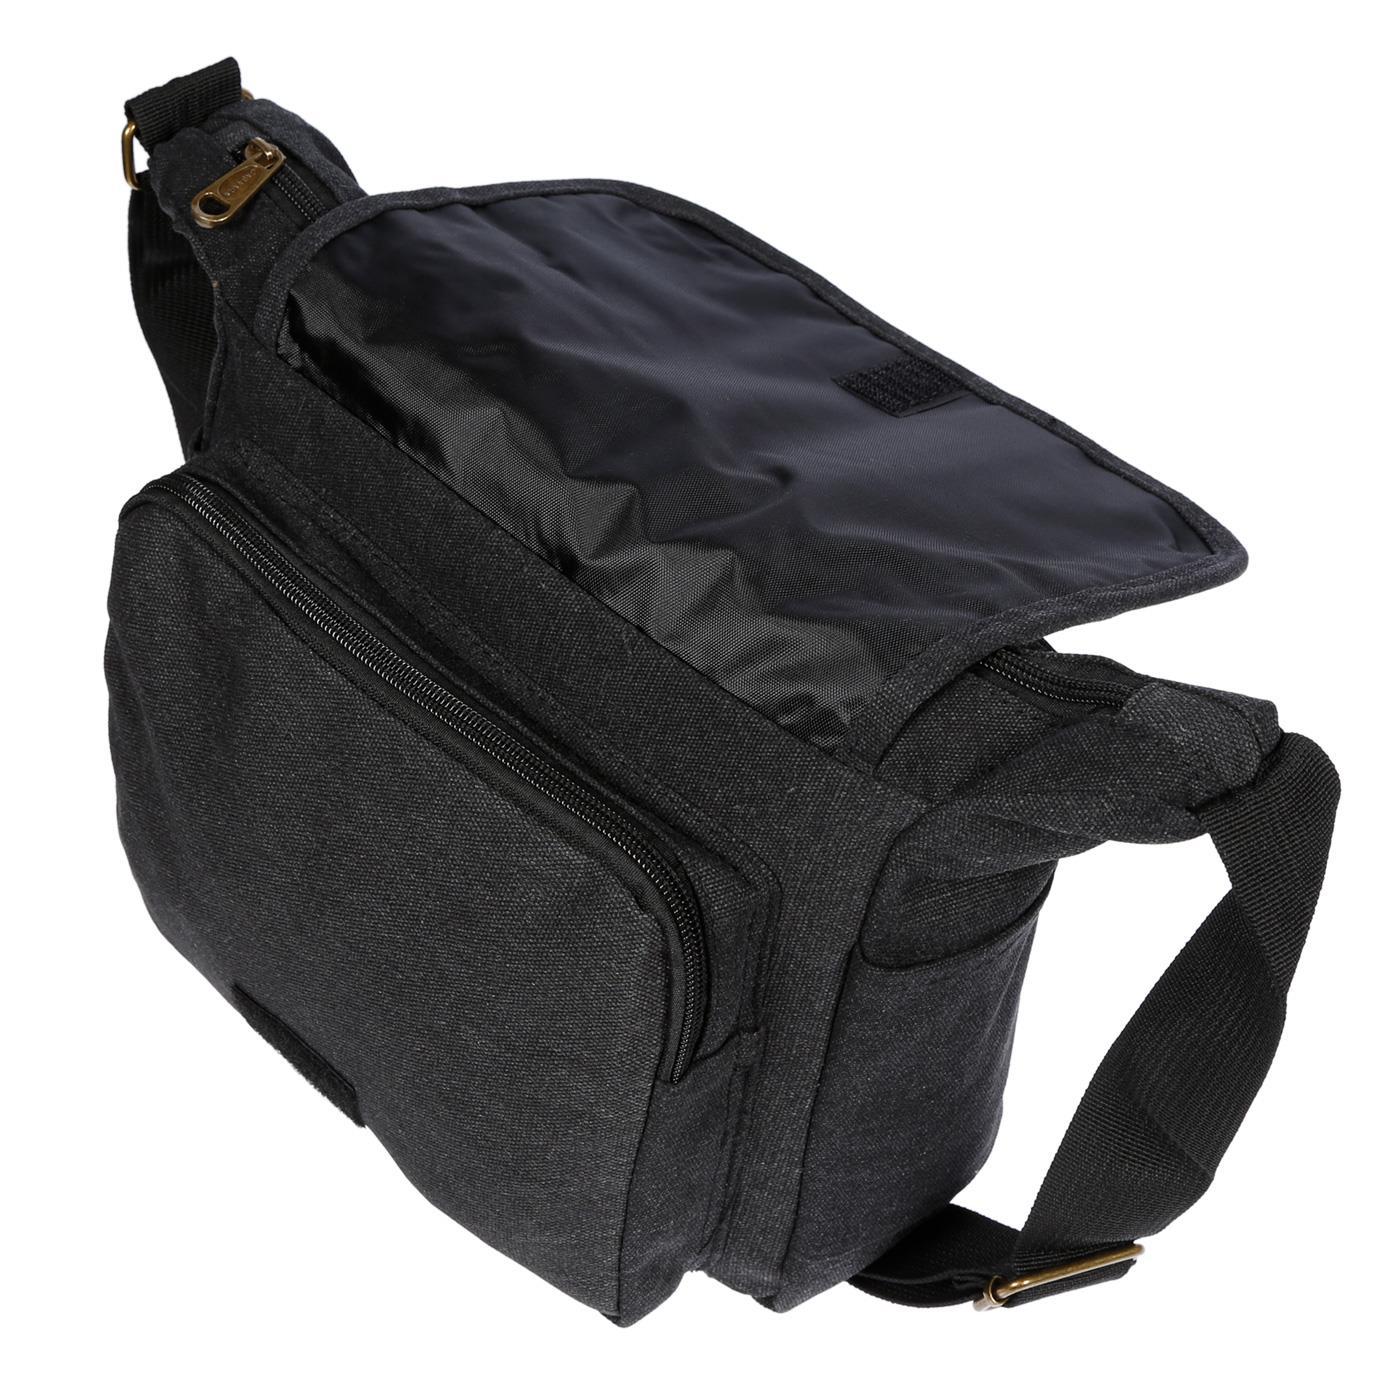 Damen-Tasche-Canvas-Umhaengetasche-Schultertasche-Crossover-Bag-Damenhandtasche Indexbild 17